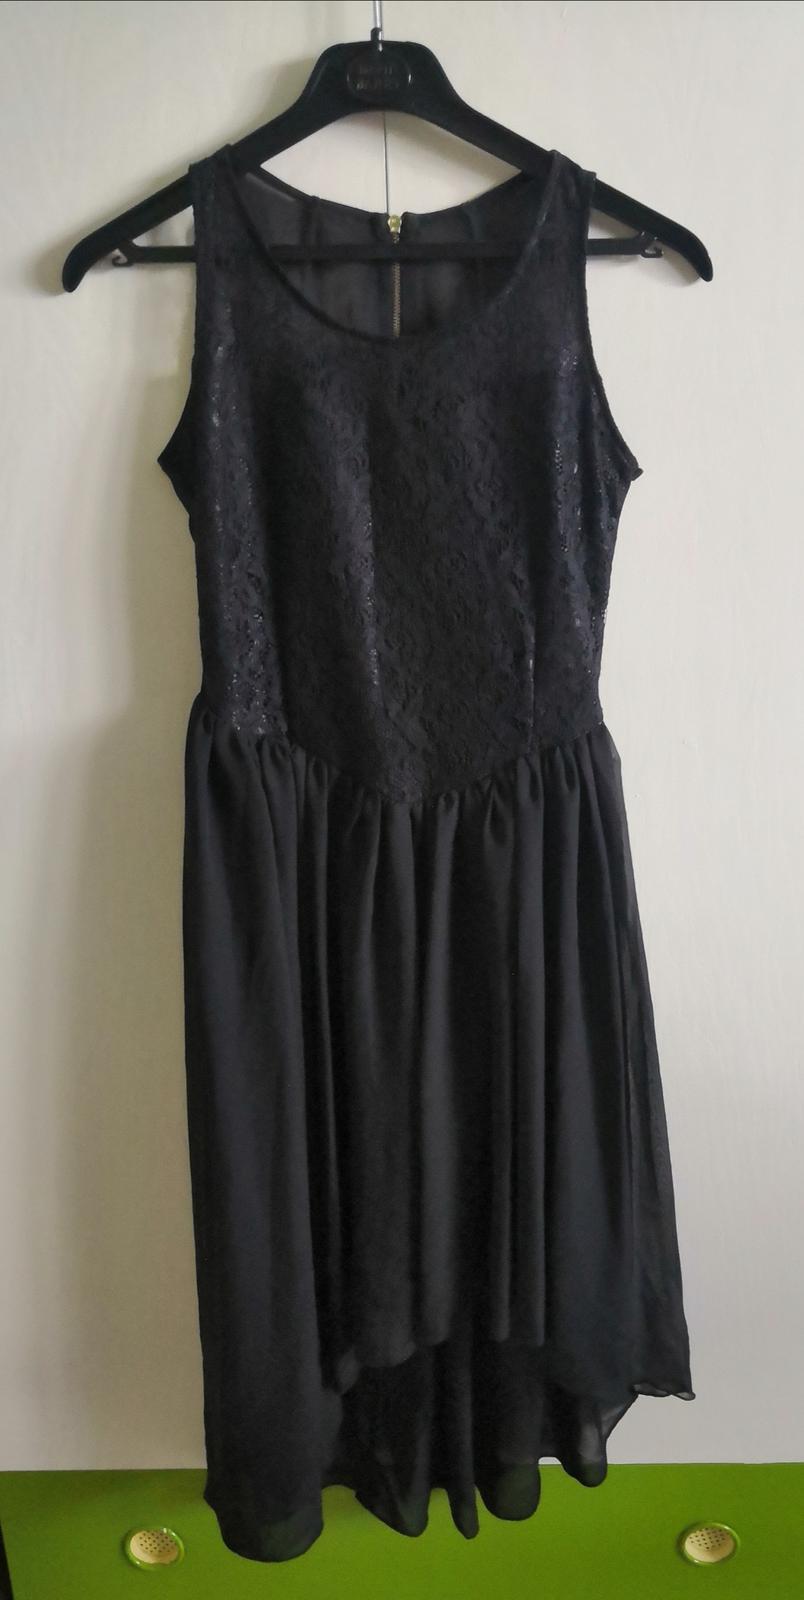 Čierne šaty s čipkou - Obrázok č. 1